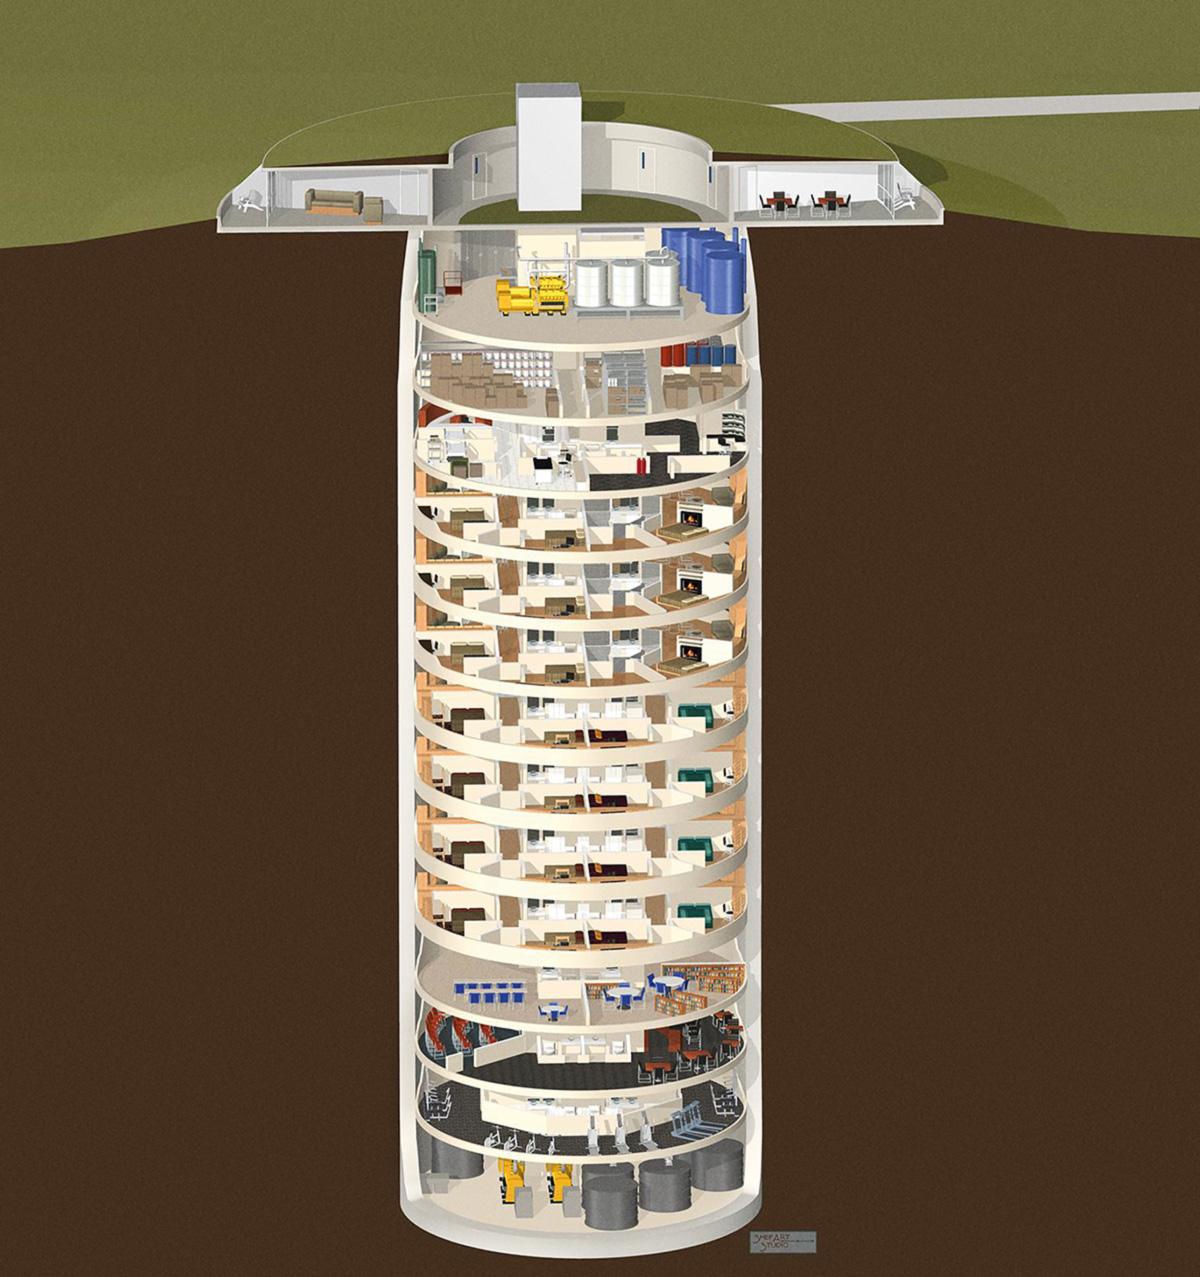 No estado do Kansas, nos Estados Unidos, um silo de mísseis foi convertido num complexo subterrâneo de 15 andares com apartamentos de luxo, capaz de abrigar 75 pessoas por até 5 anos